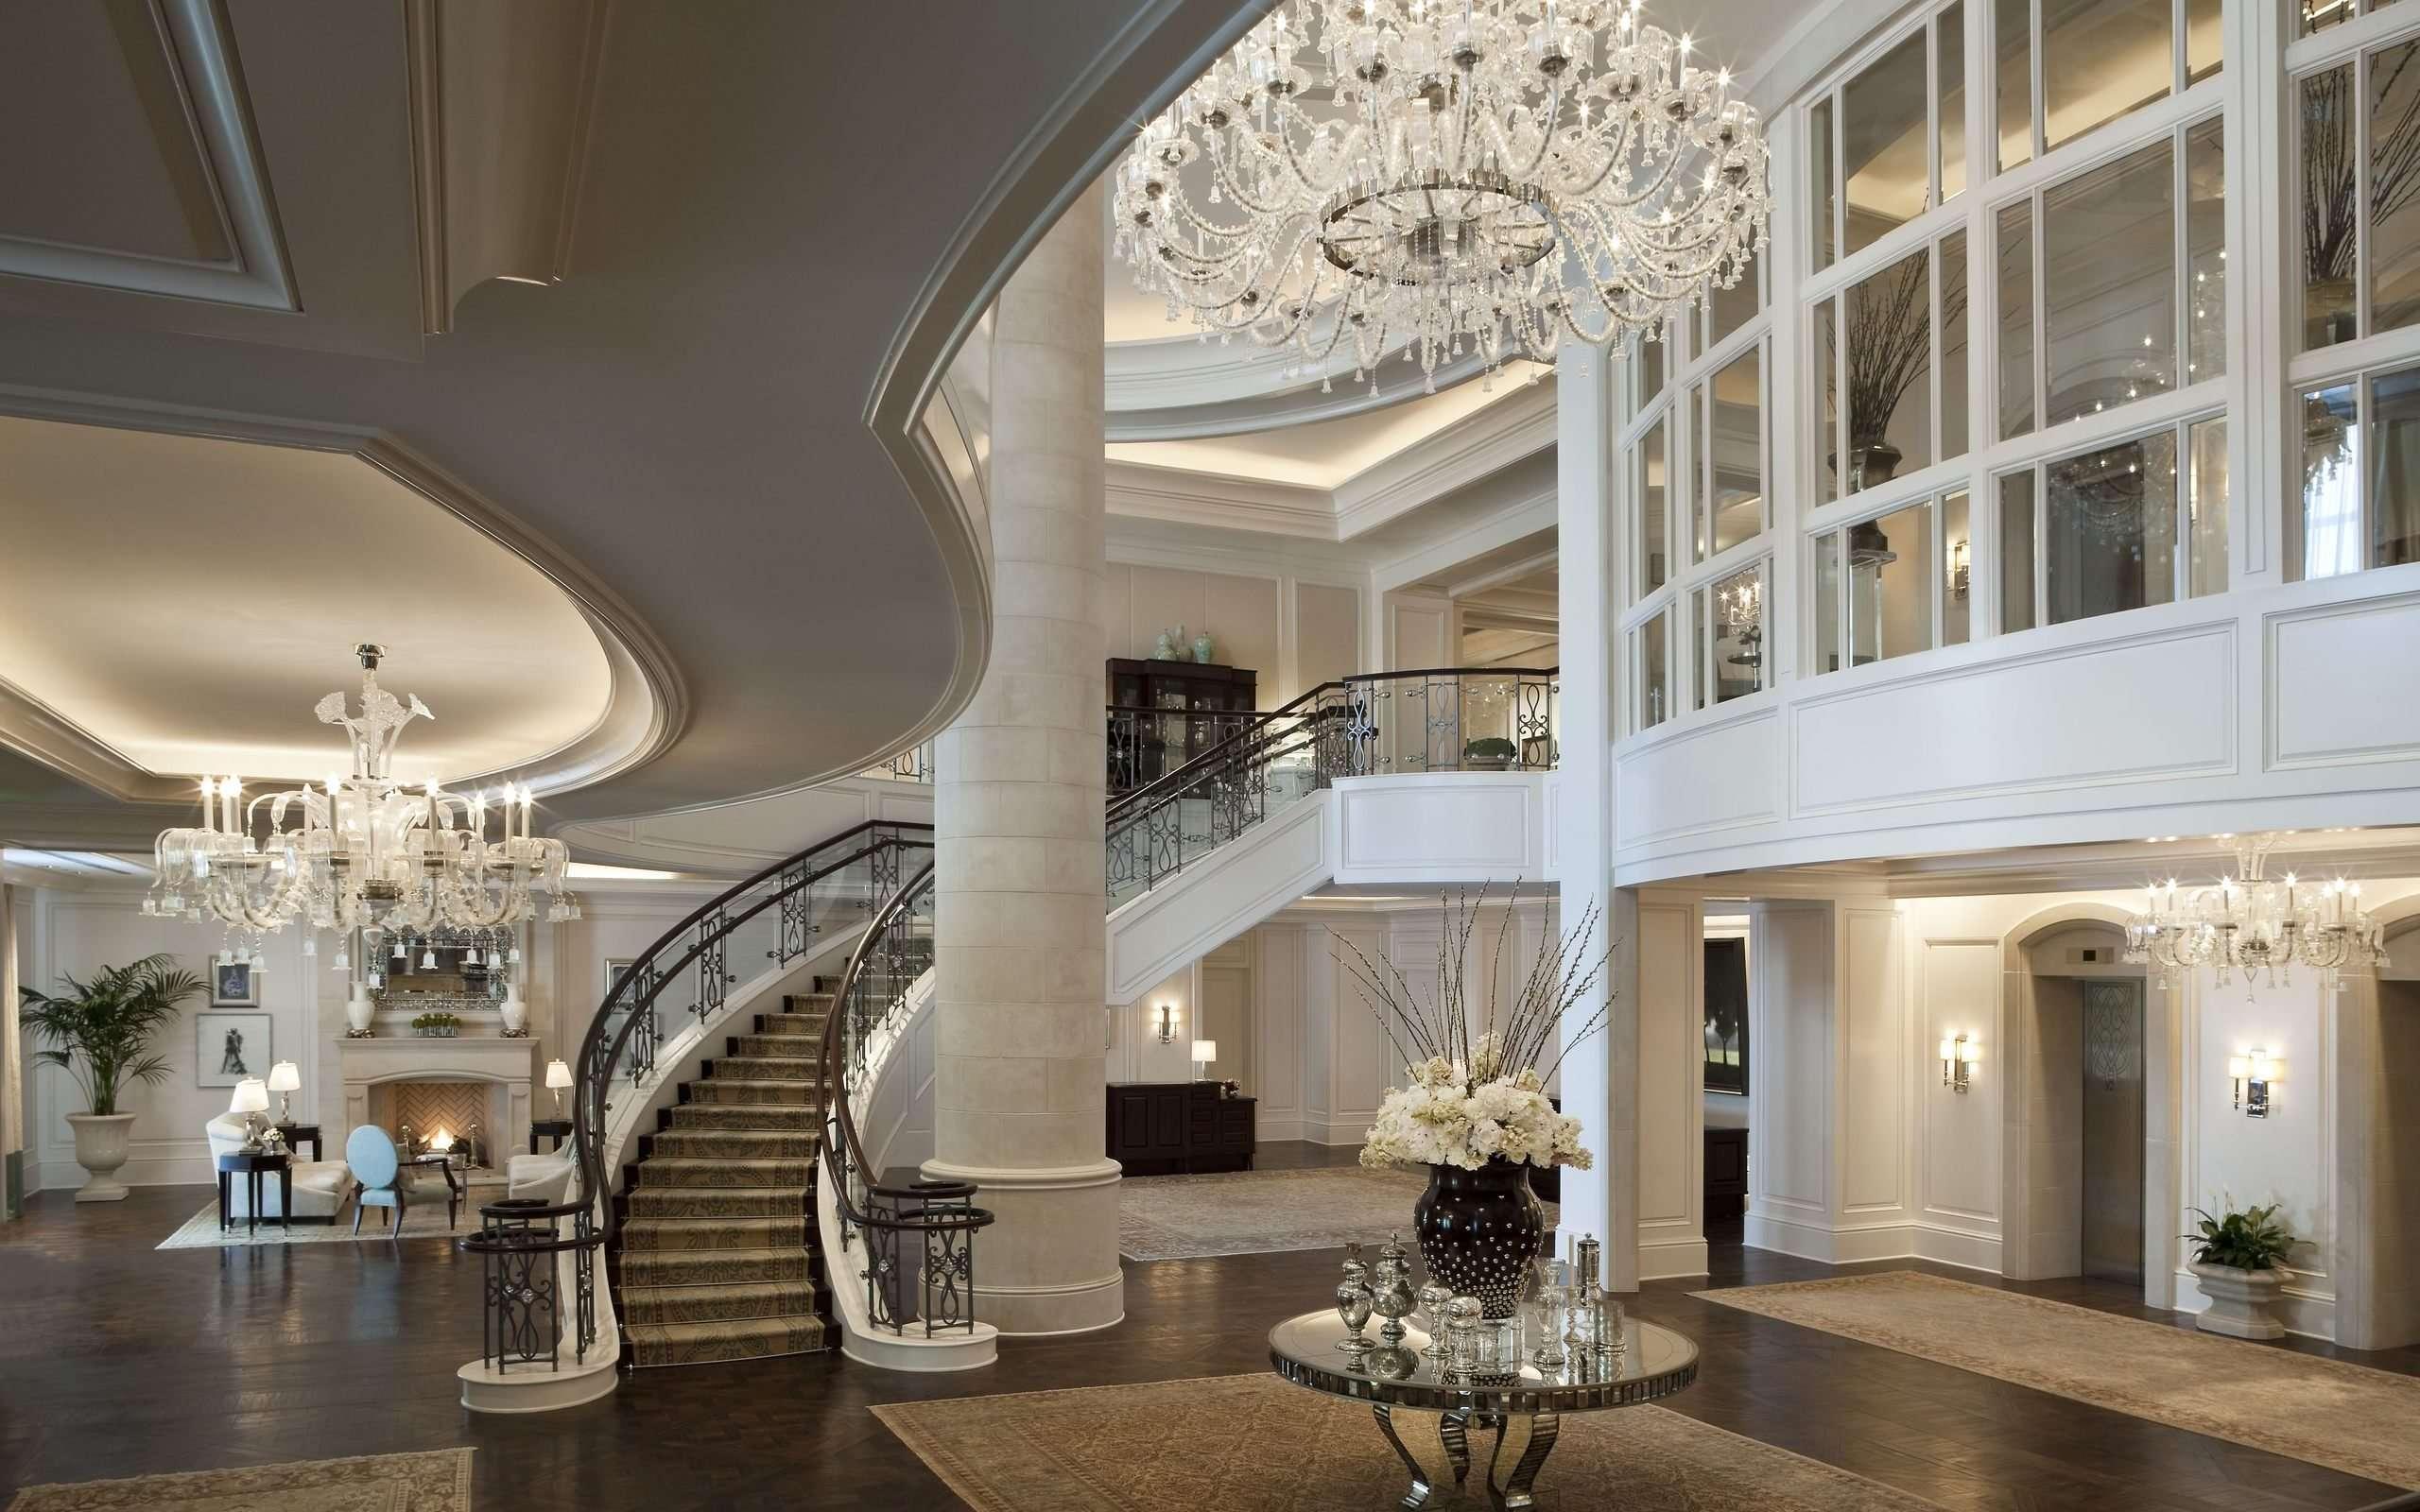 luxury interior design luxury home designs ideas - luxury shower VINWIKV